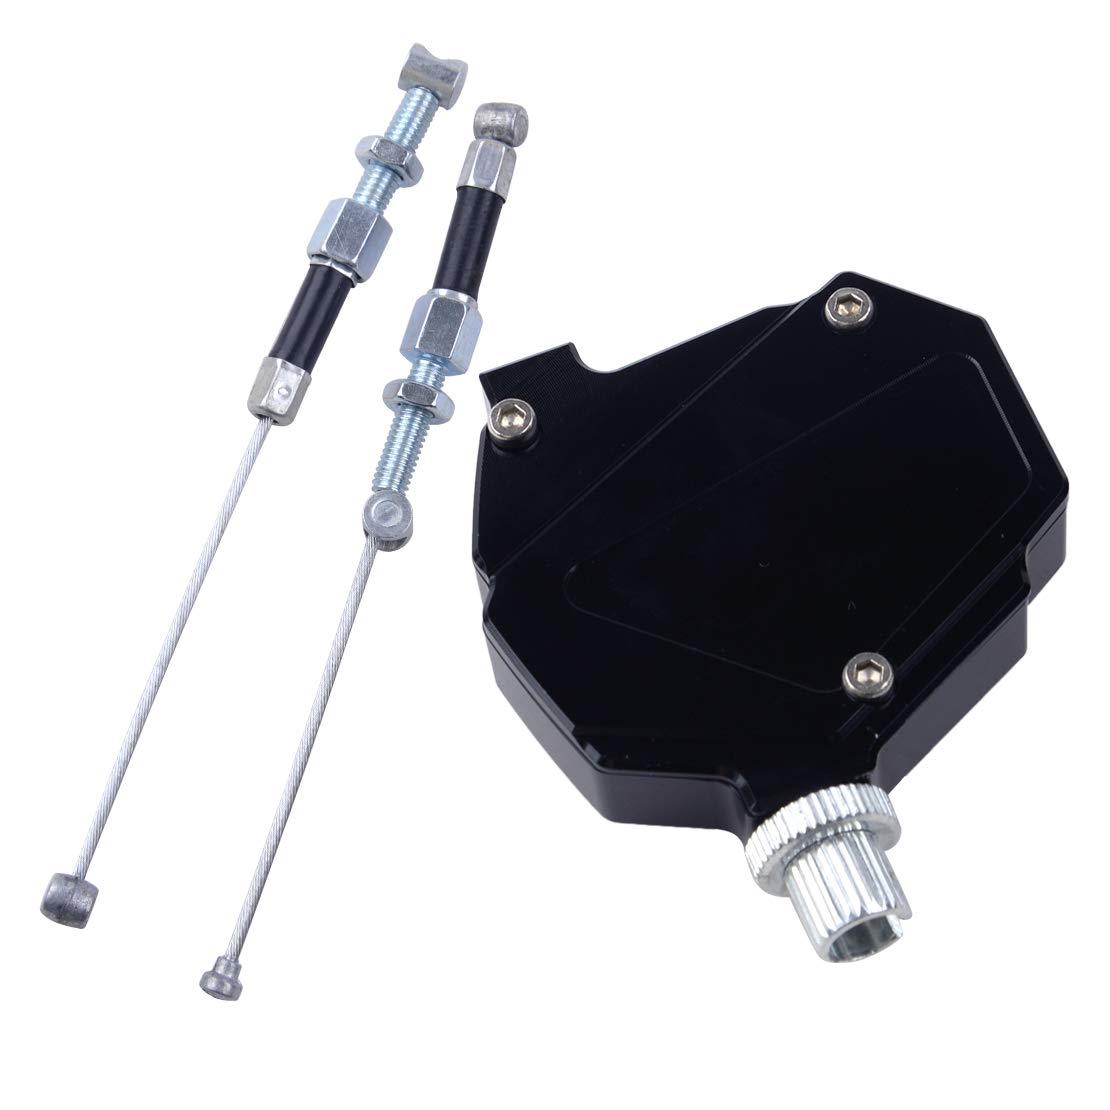 Système de câble de traction facile avec amplificateur d'embrayage et commande numérique par câble noir